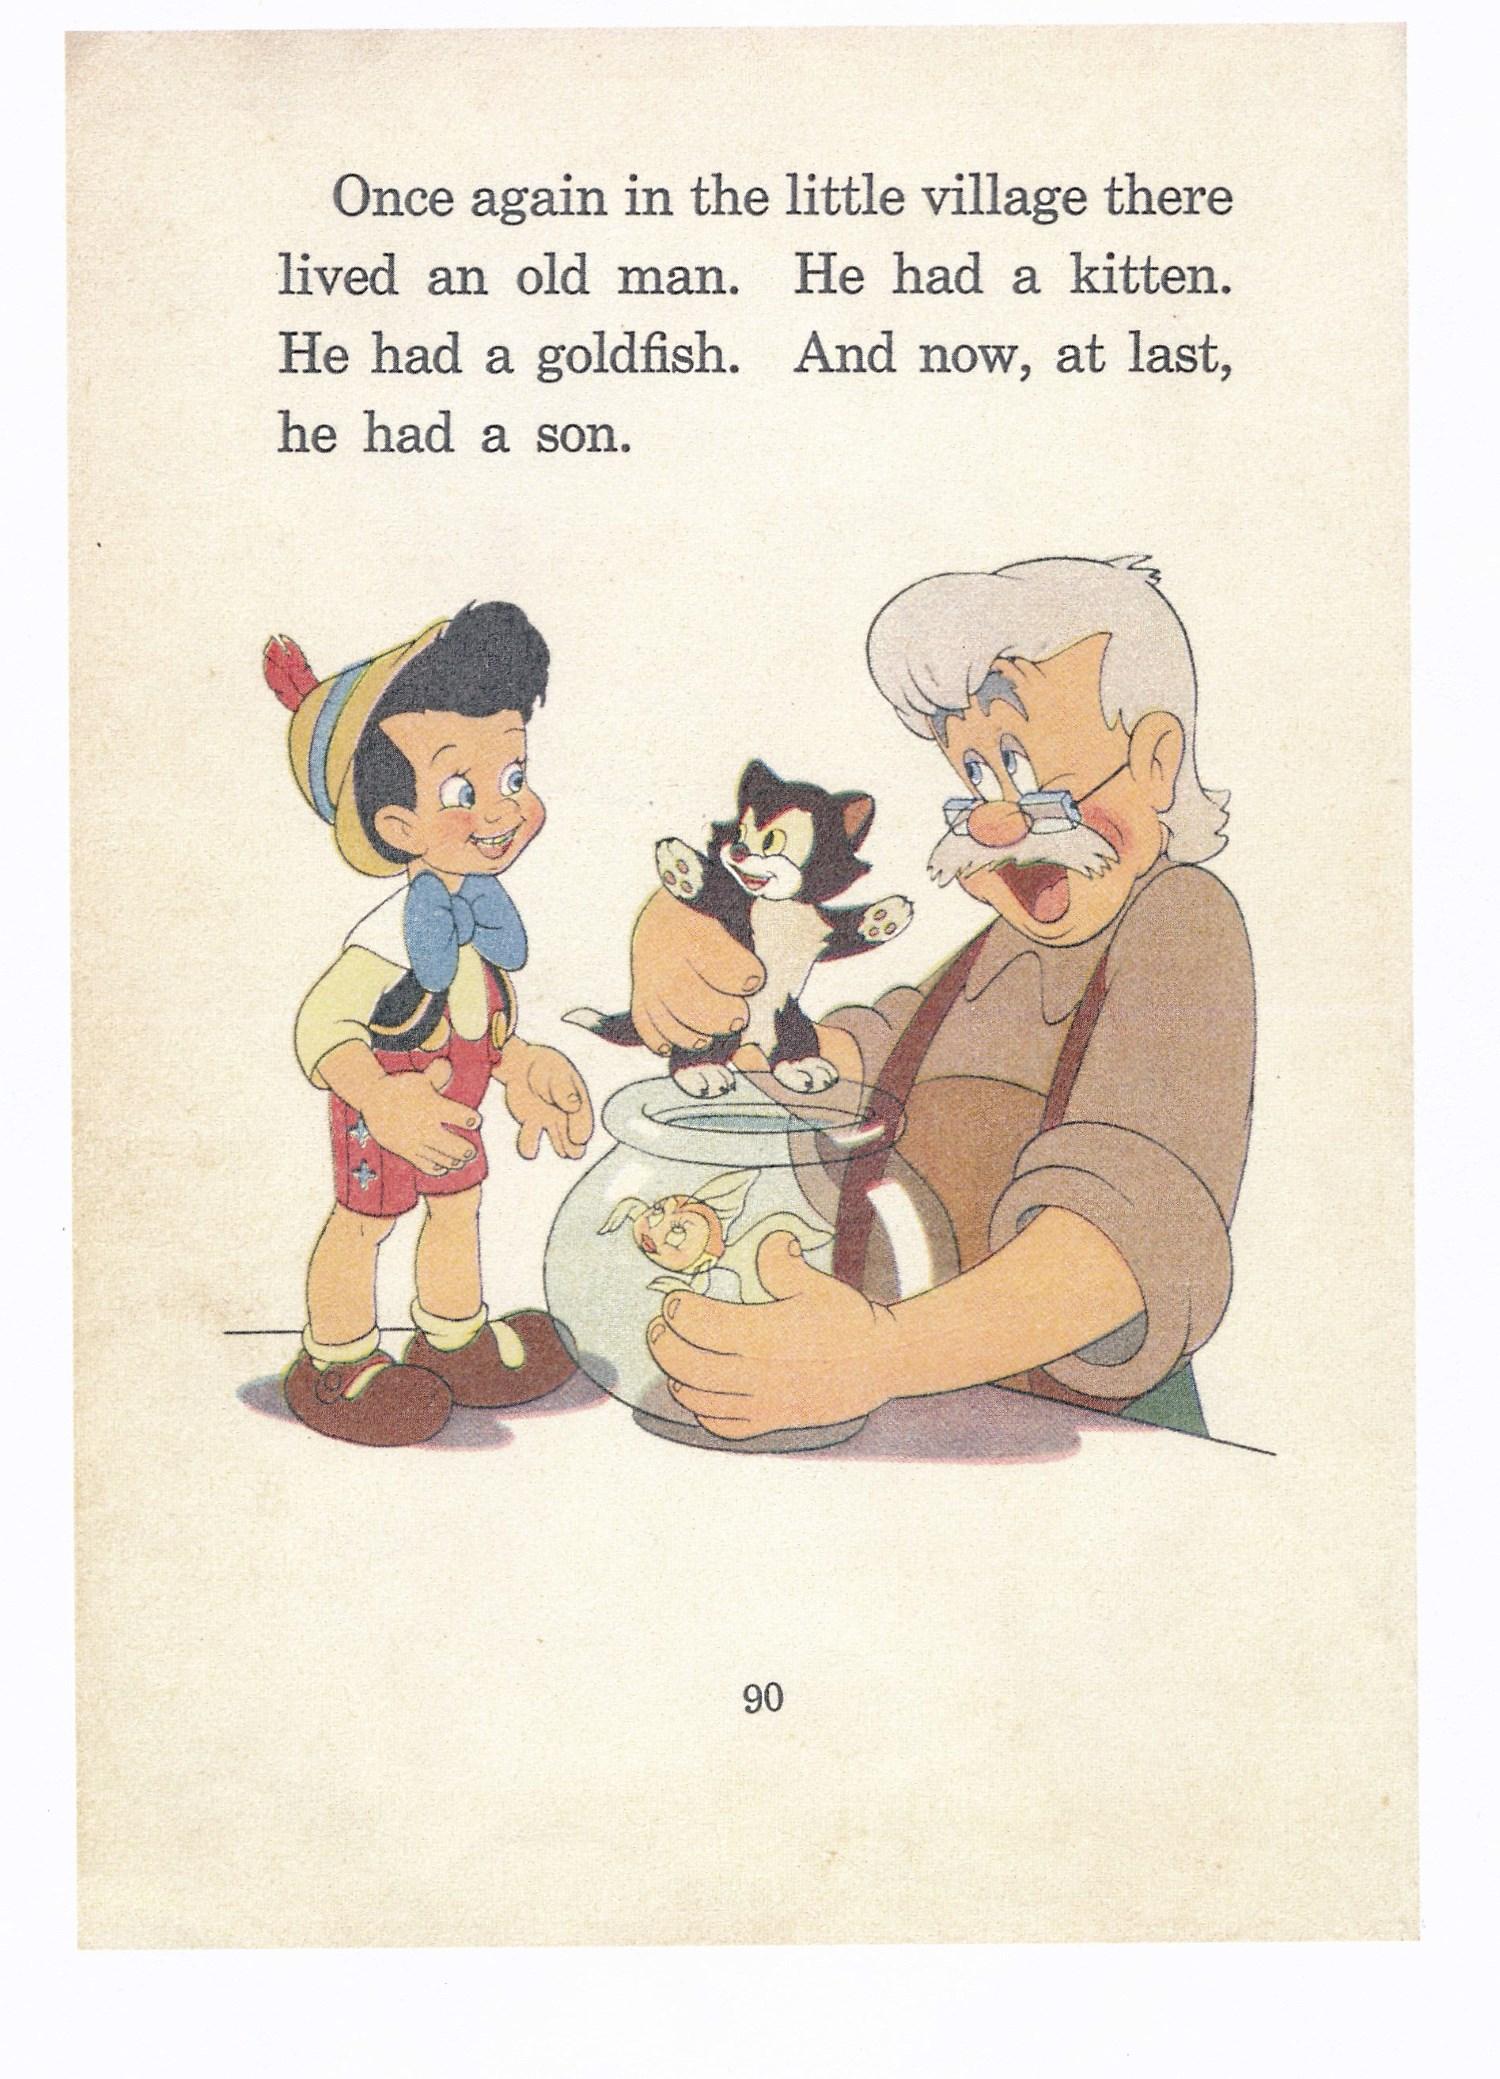 ピノキオの絵本で使われた絵の下絵原稿